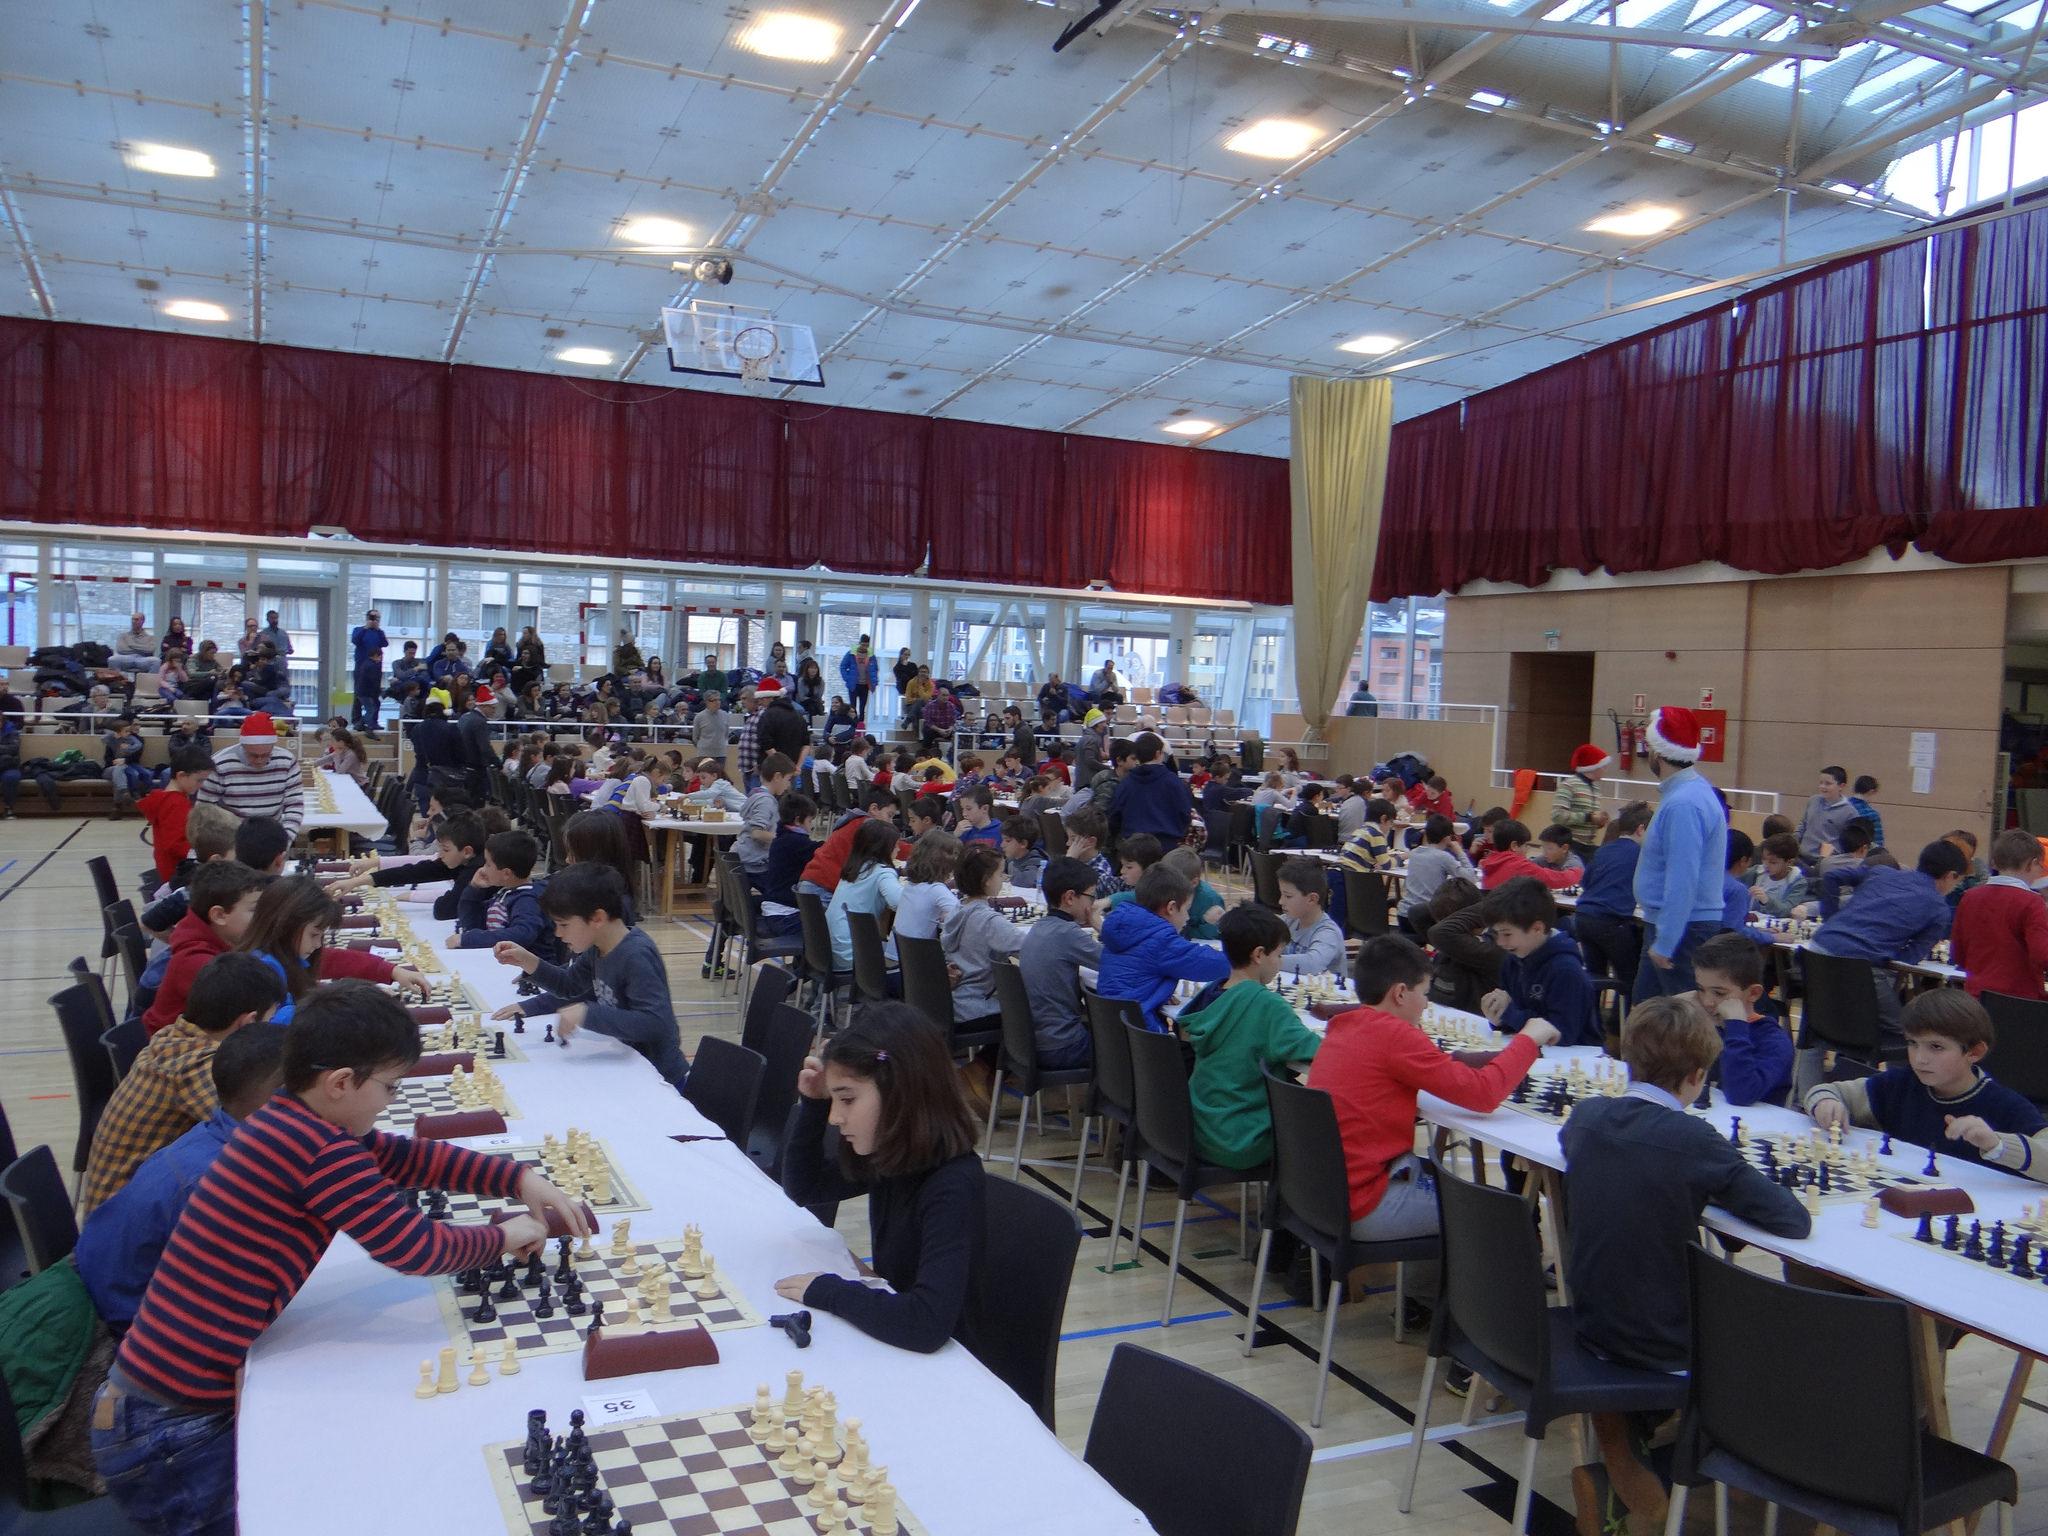 16è Festival Escolar de Nadal – Informació